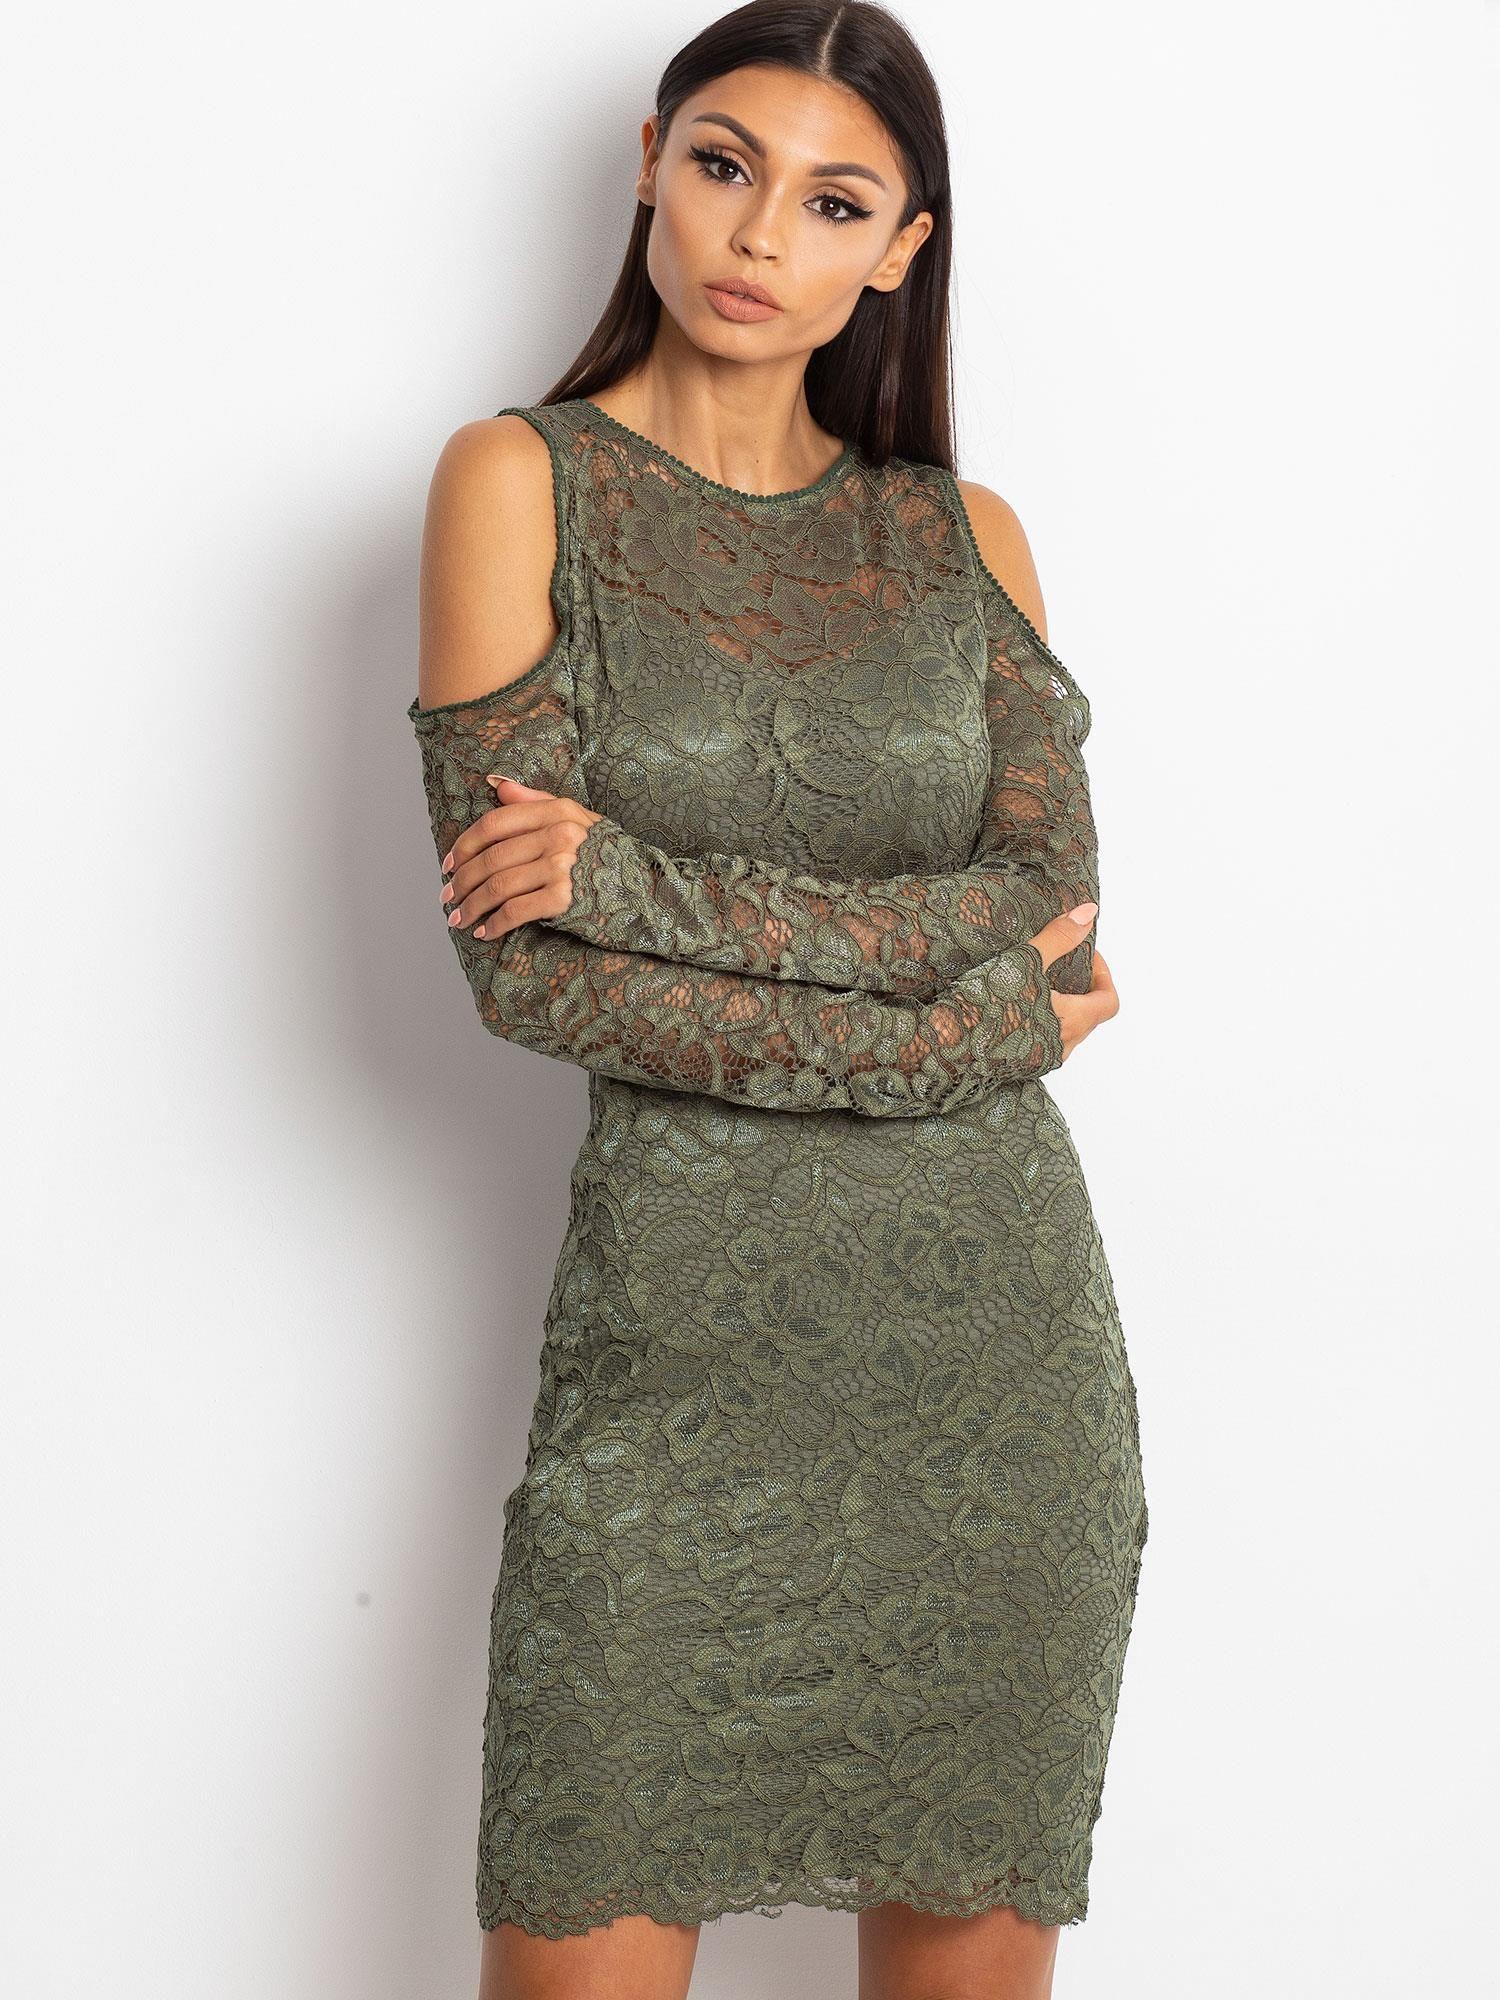 dde745ebf Zielona koronkowa sukienka z odkrytymi ramionami - Sukienka koktajlowa -  sklep eButik.pl